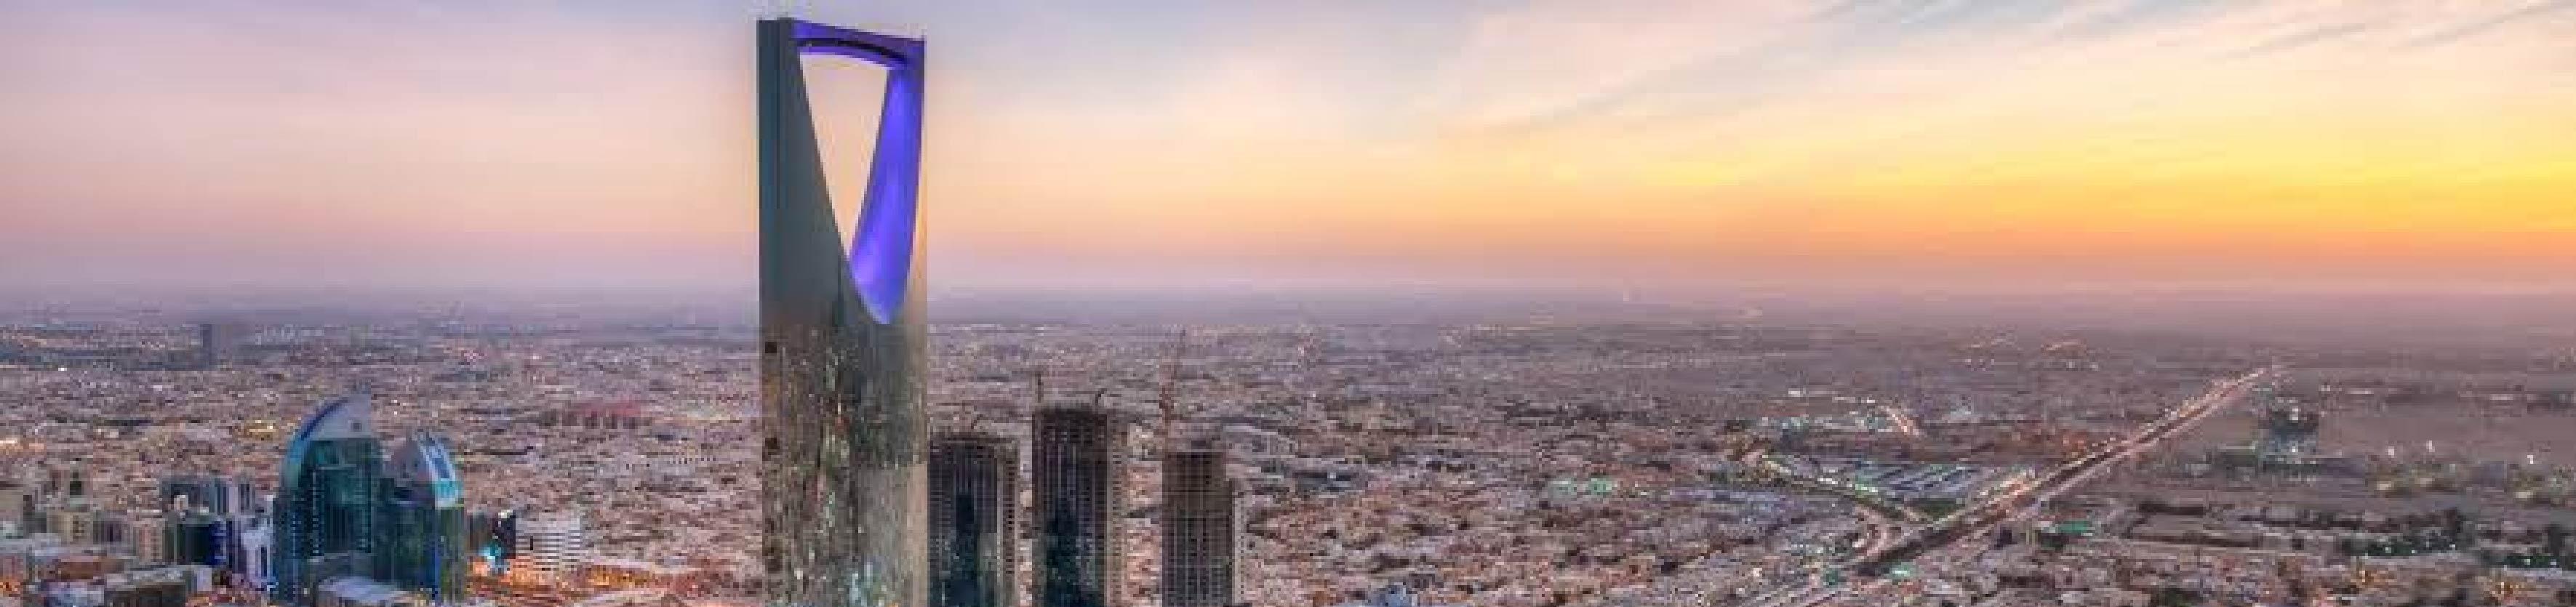 الاماكن السياحية في الرياض: أين تذهب في مدينة الرياض؟